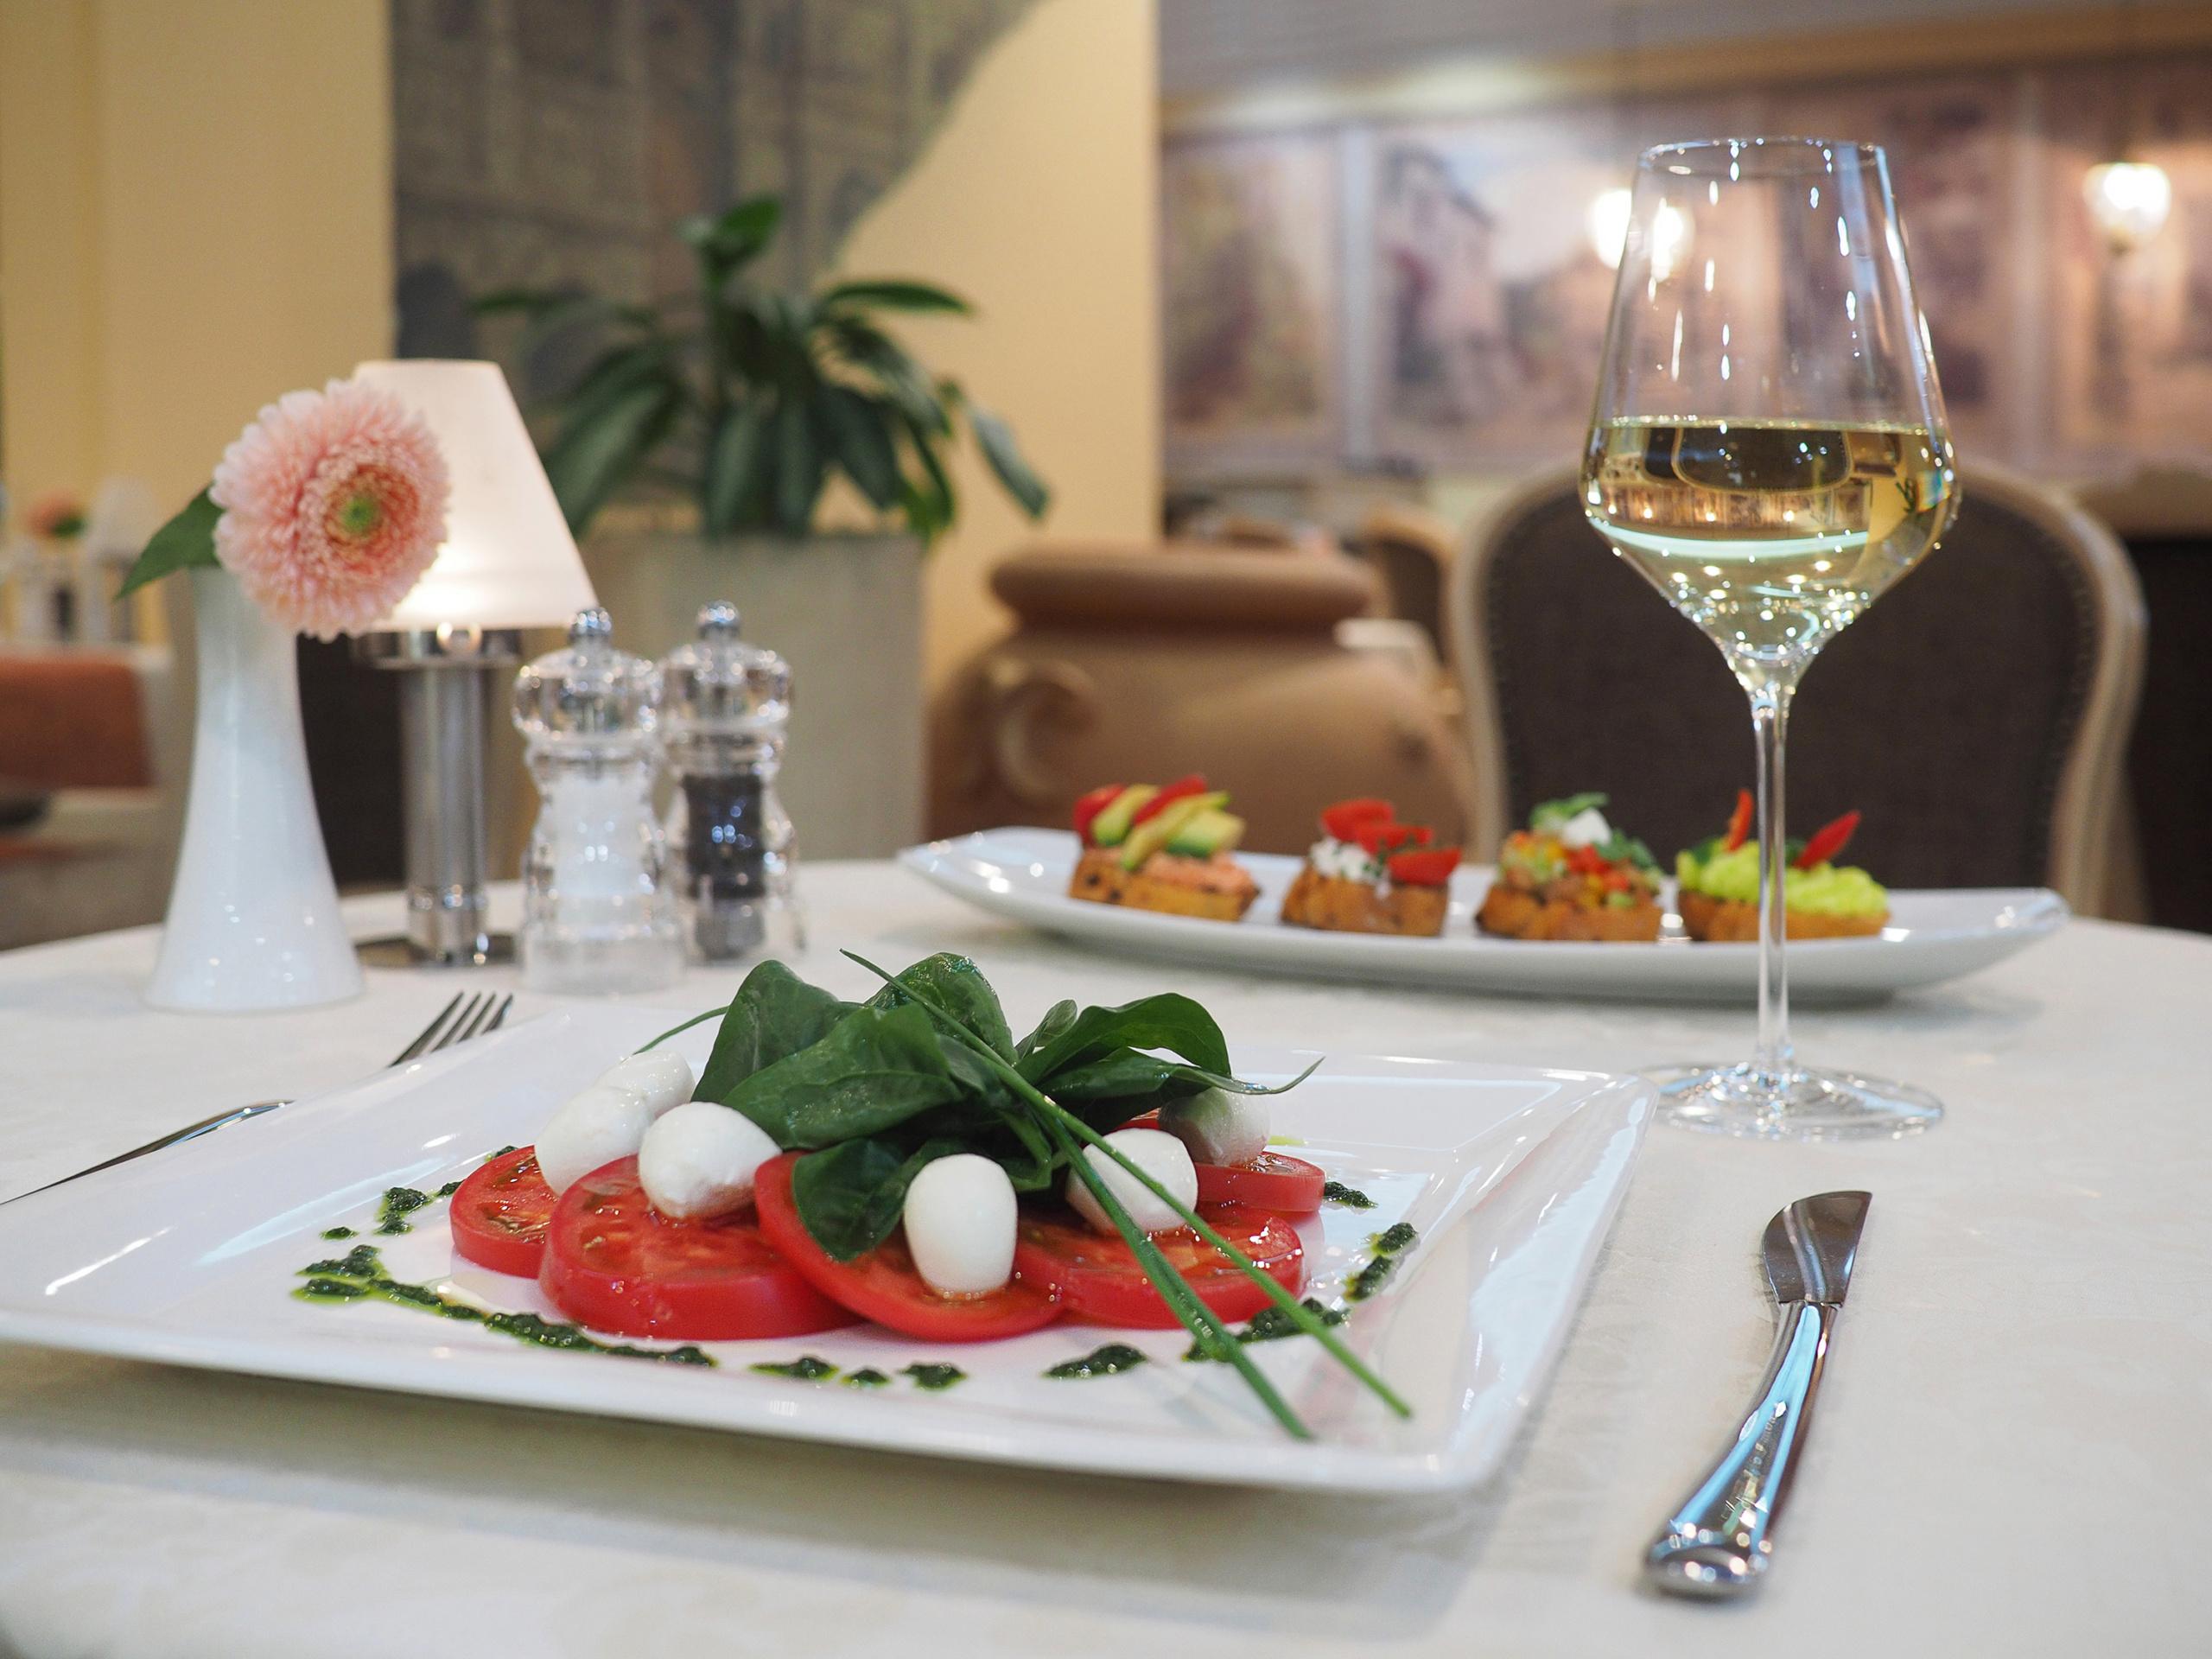 Фотосъемка для ресторана: меню и разделы сайта